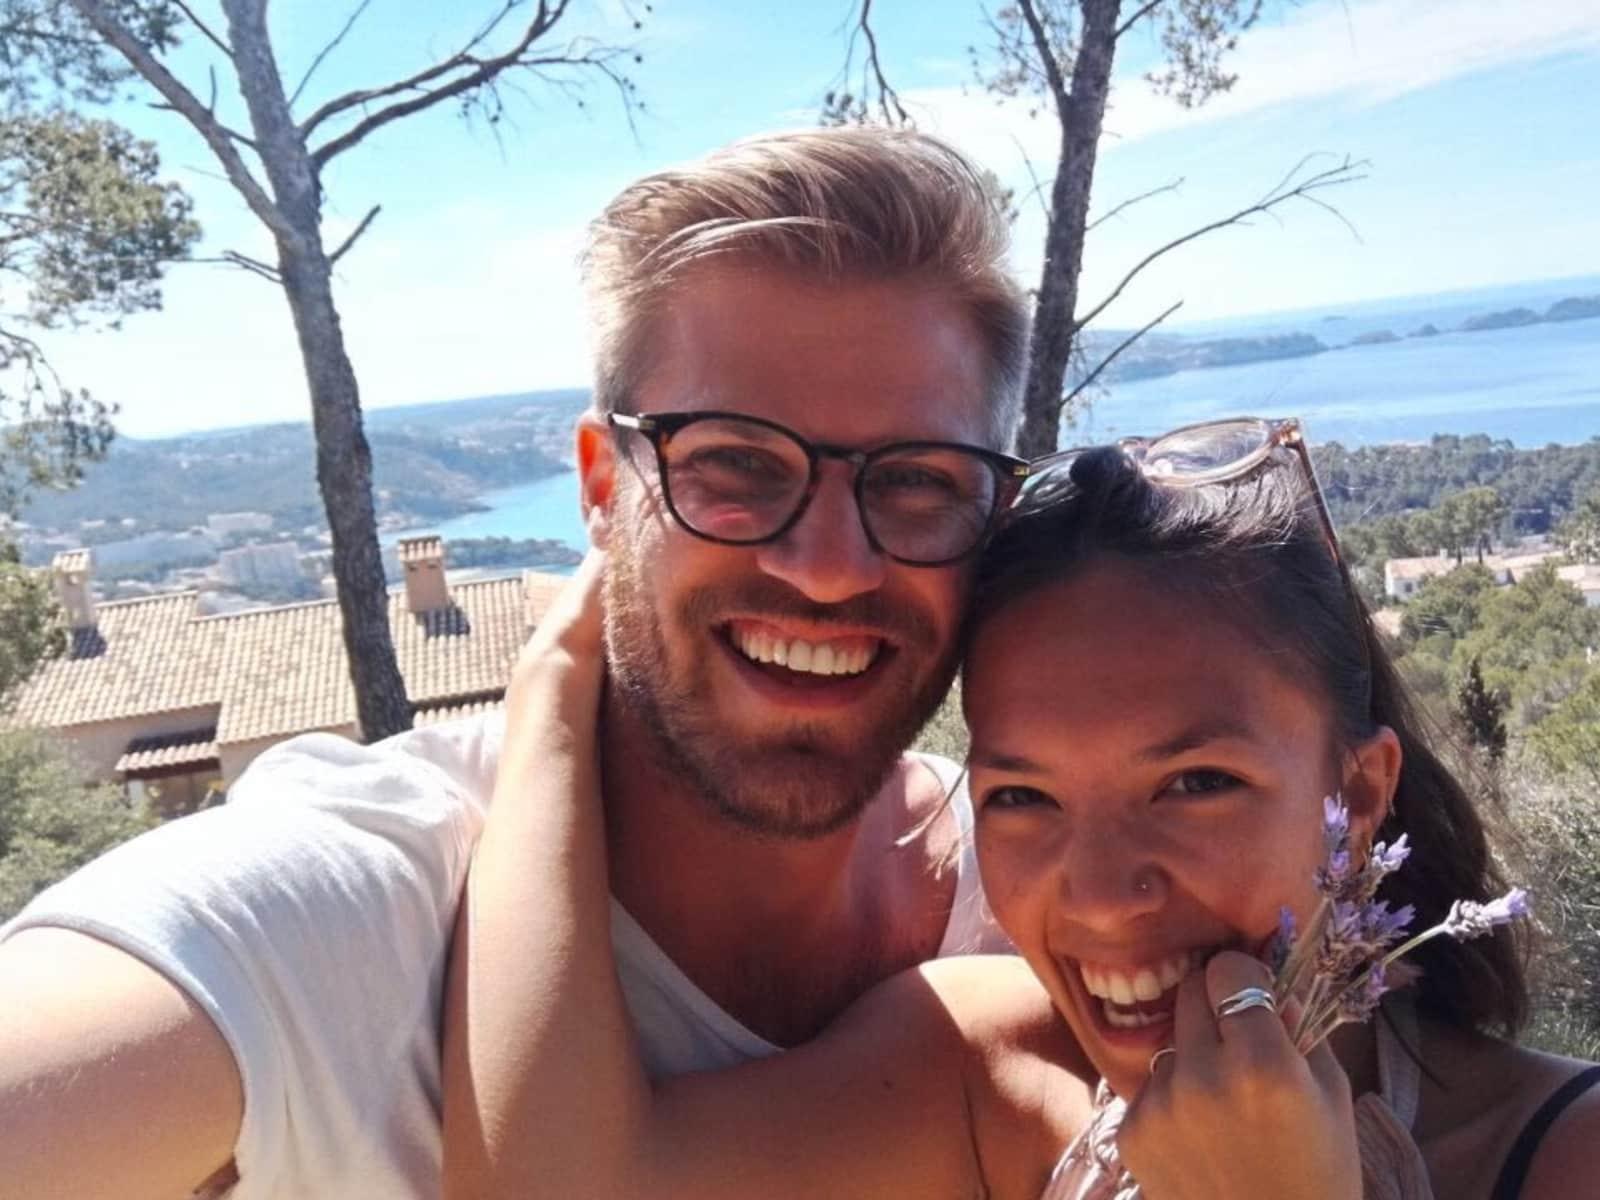 Melinda & Benjamin from Berlin, Germany